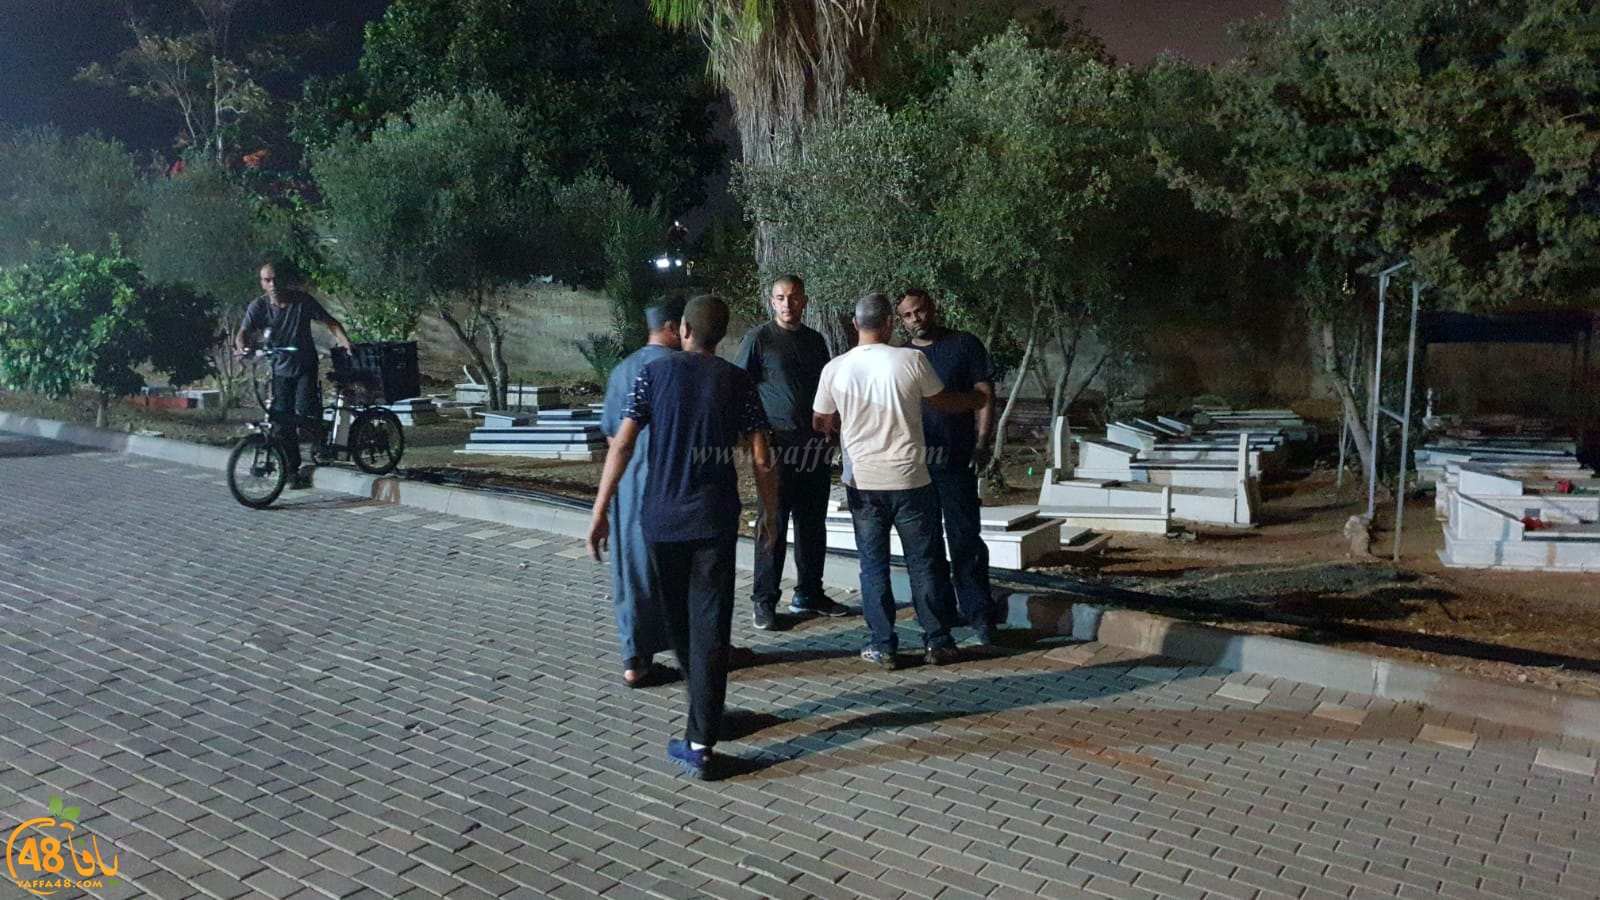 فيديو: جموع غفيرة تُشارك في تشييع جثمان الشاب نادر شقرة ضحية اطلاق النار بيافا